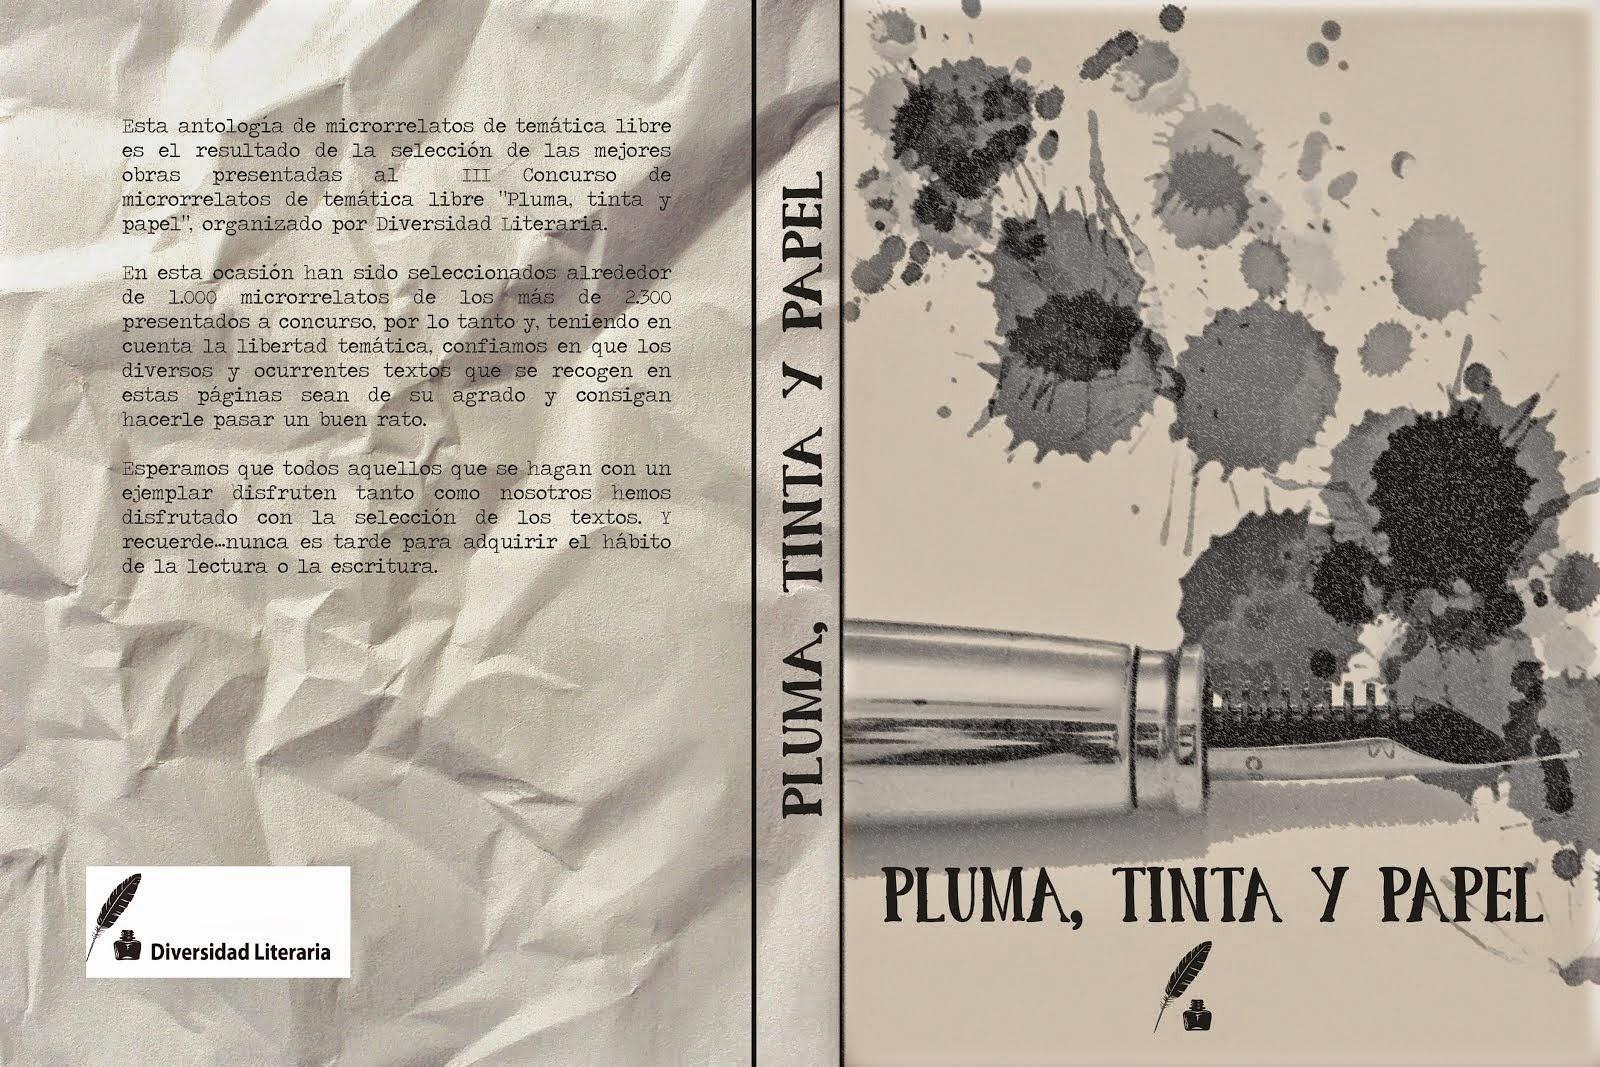 PLUMA, TINTA Y PAPEL